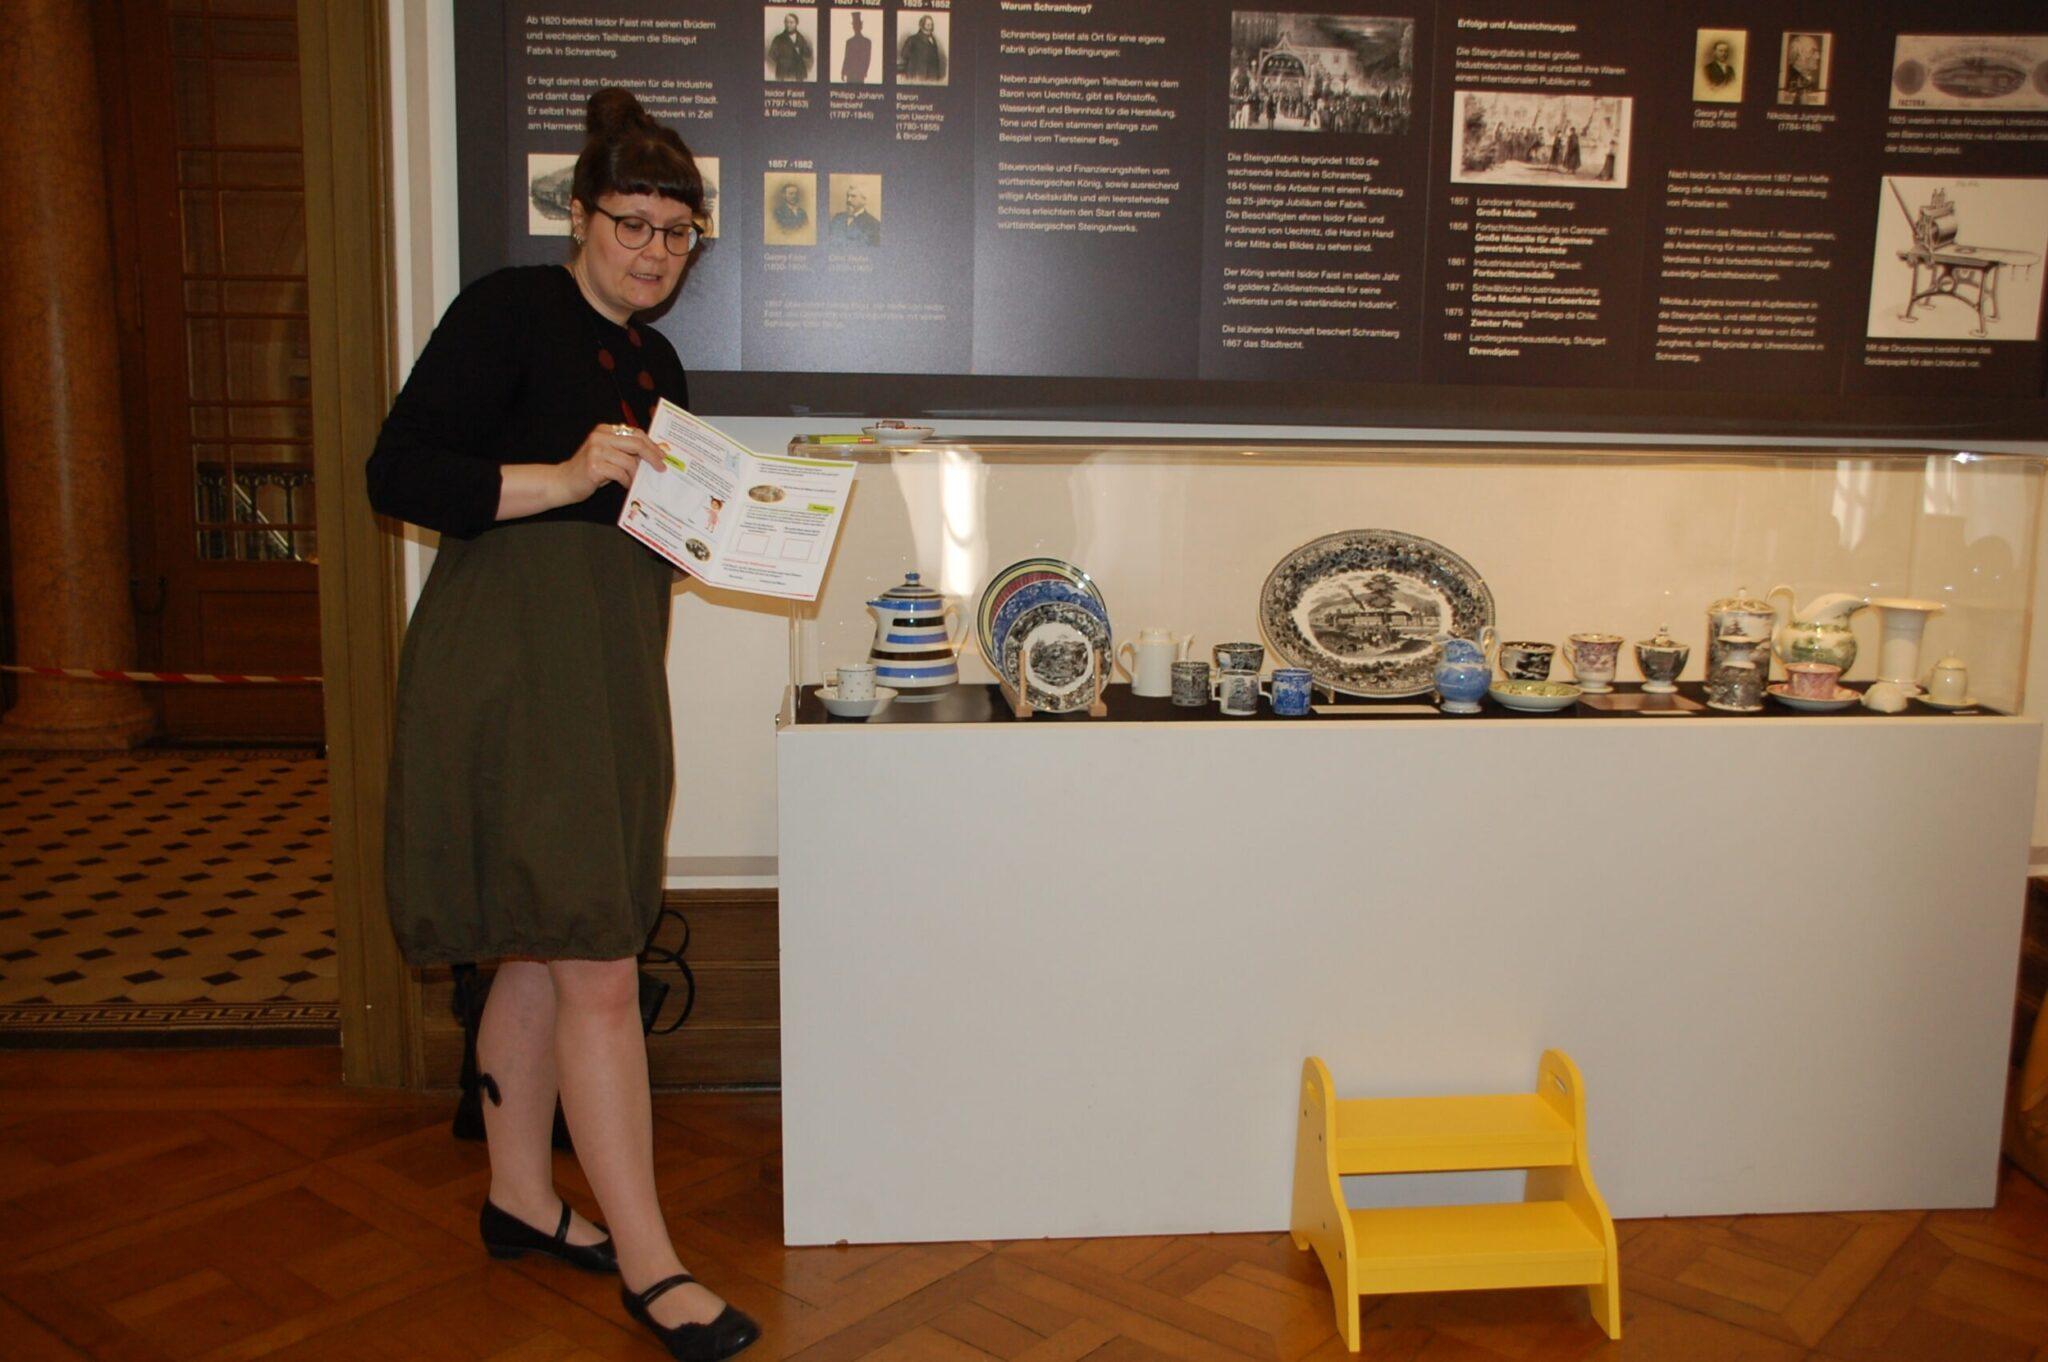 Annette Hehr, Kuratorin der Majolikaausstellung, stellt die liebevoll entwickelte Kinderspur im Museum vor. Alle Fotos: lm